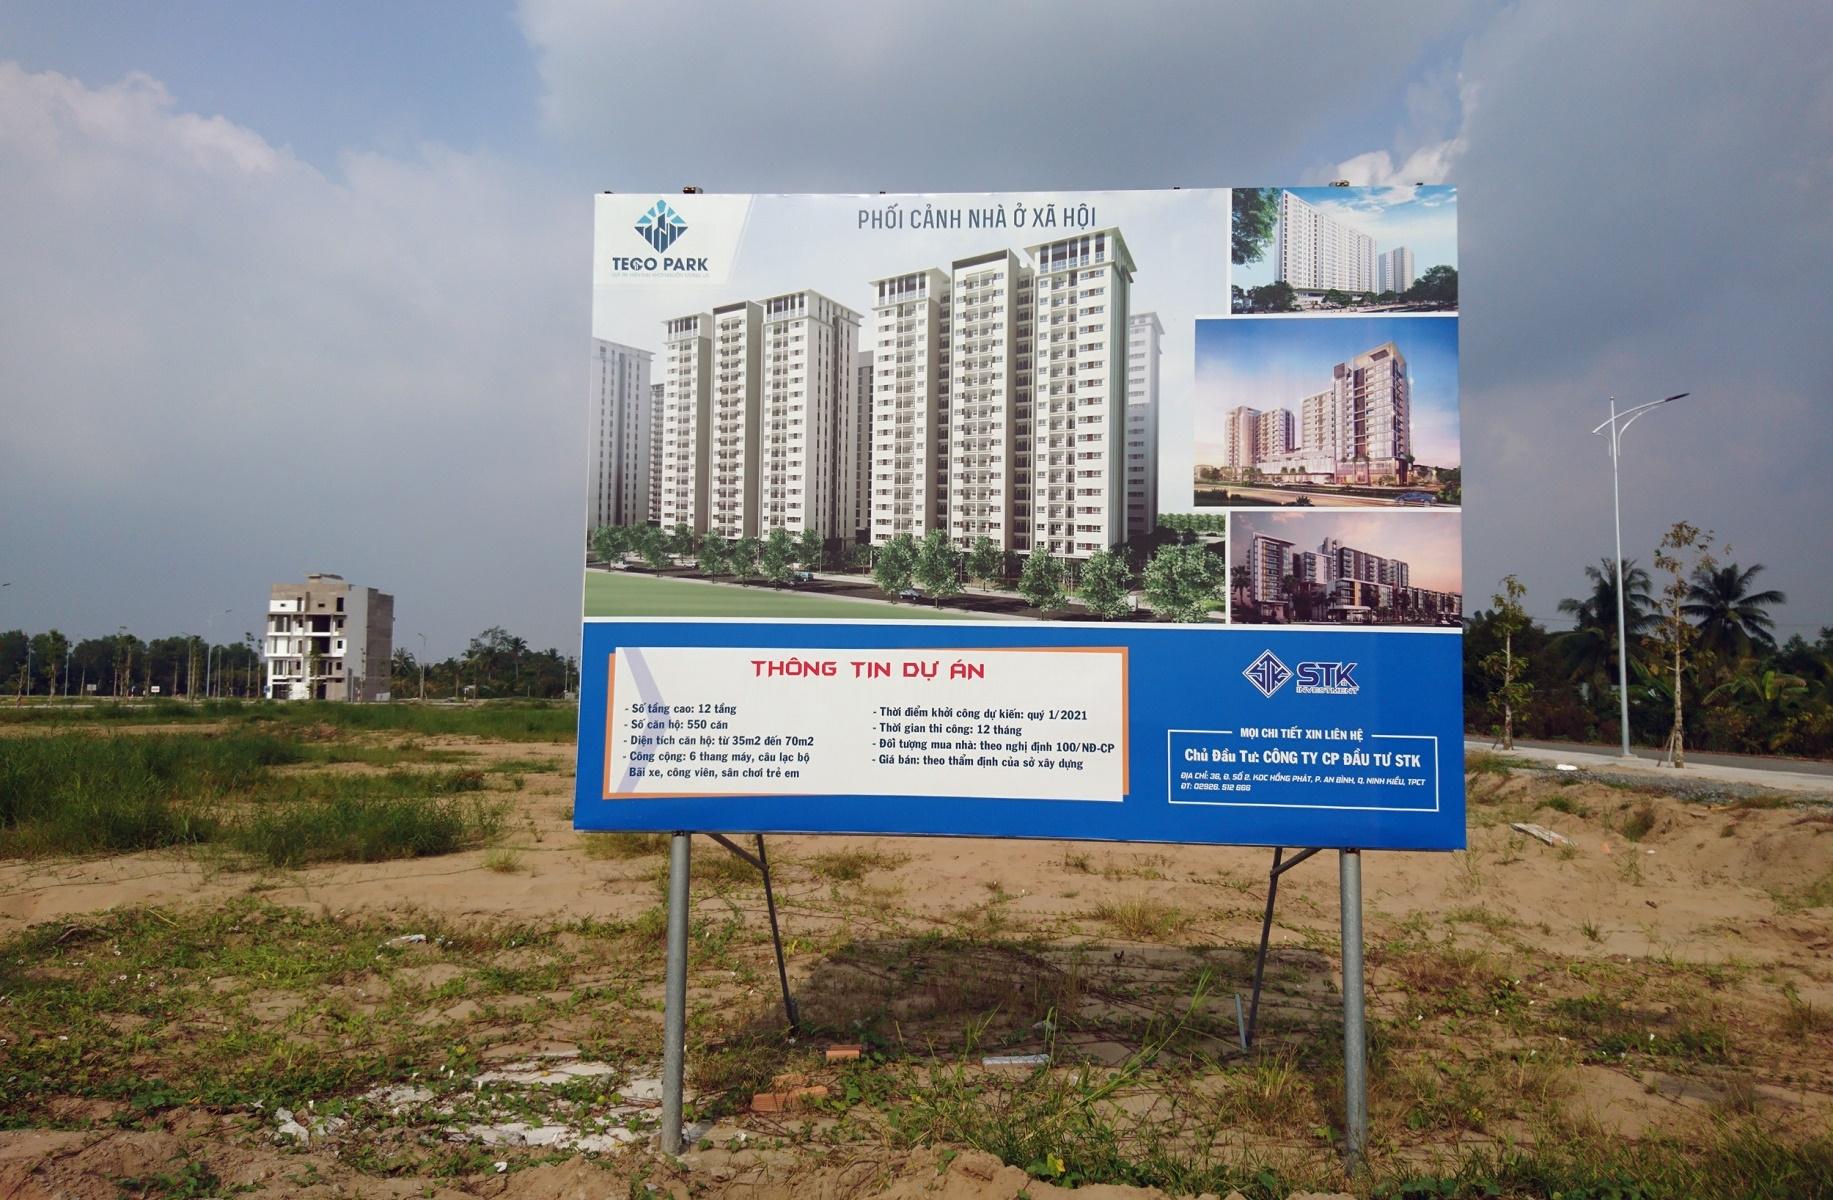 Cần Thơ: Công ty Cổ phần đầu tư STK đủ điều kiện huy động vốn đầu tư xây dựng nhà ở Khu đô thị mới STK An Bình